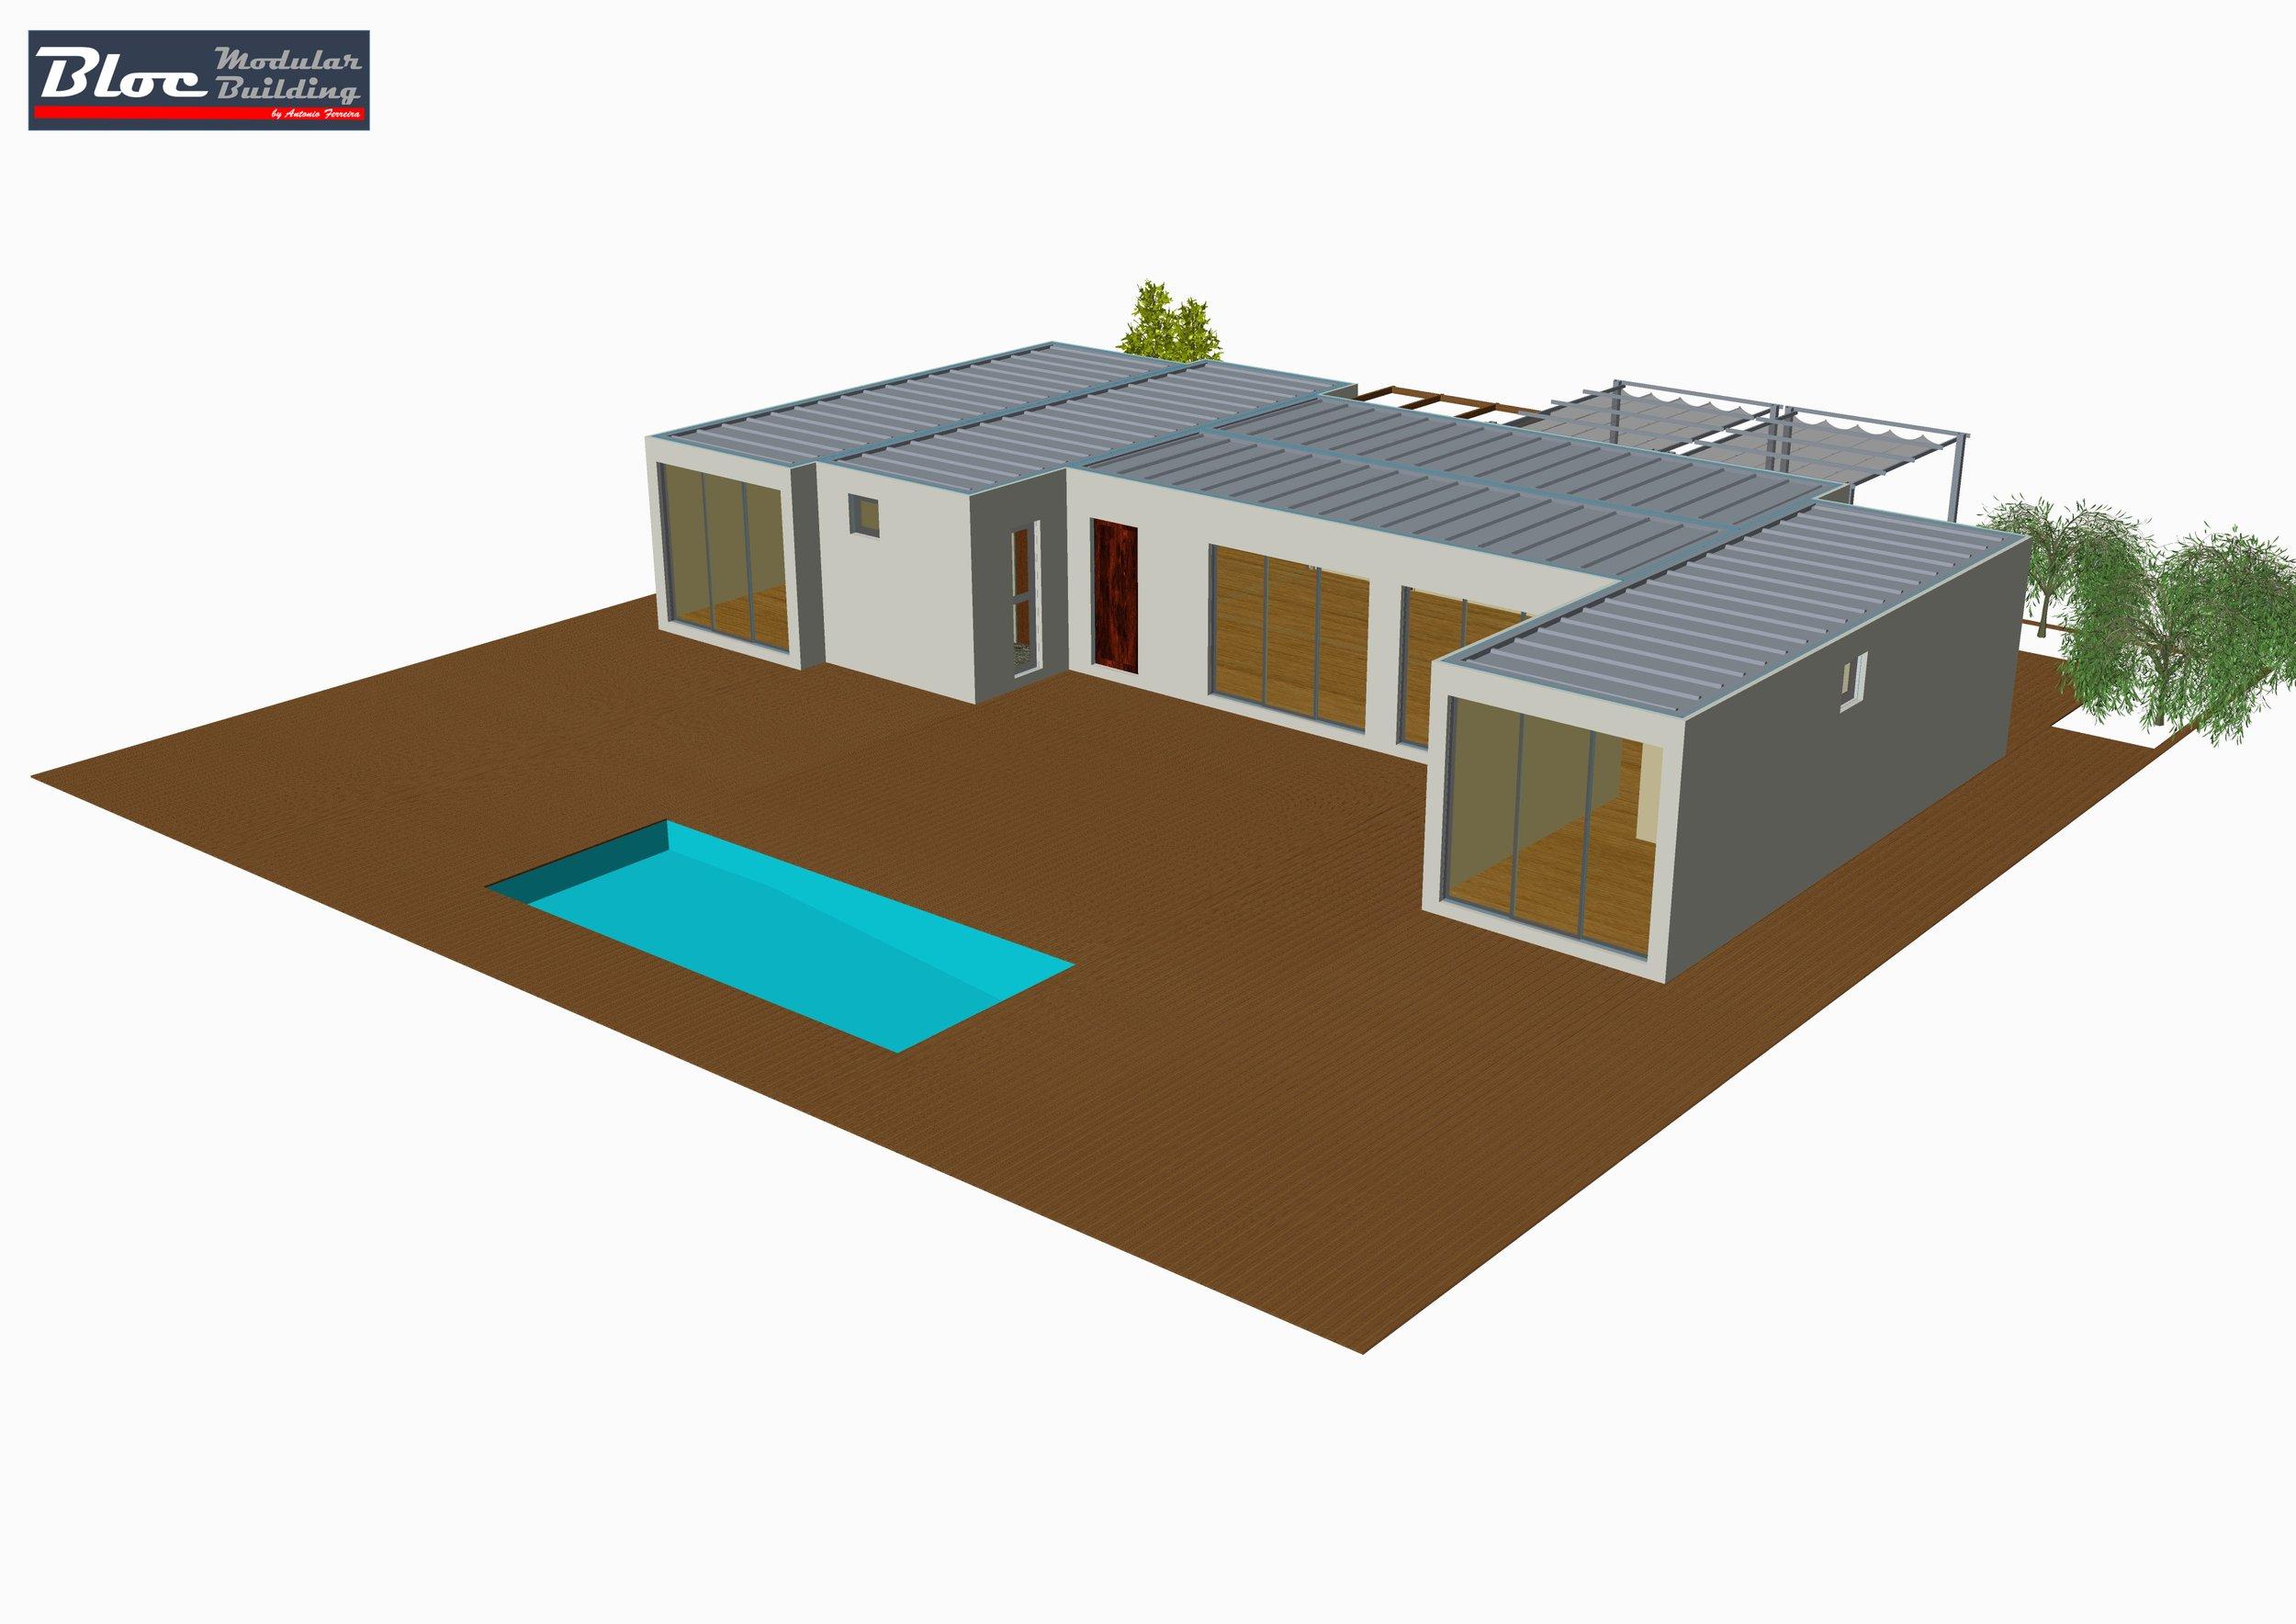 Créditos: Bloc Modular Building